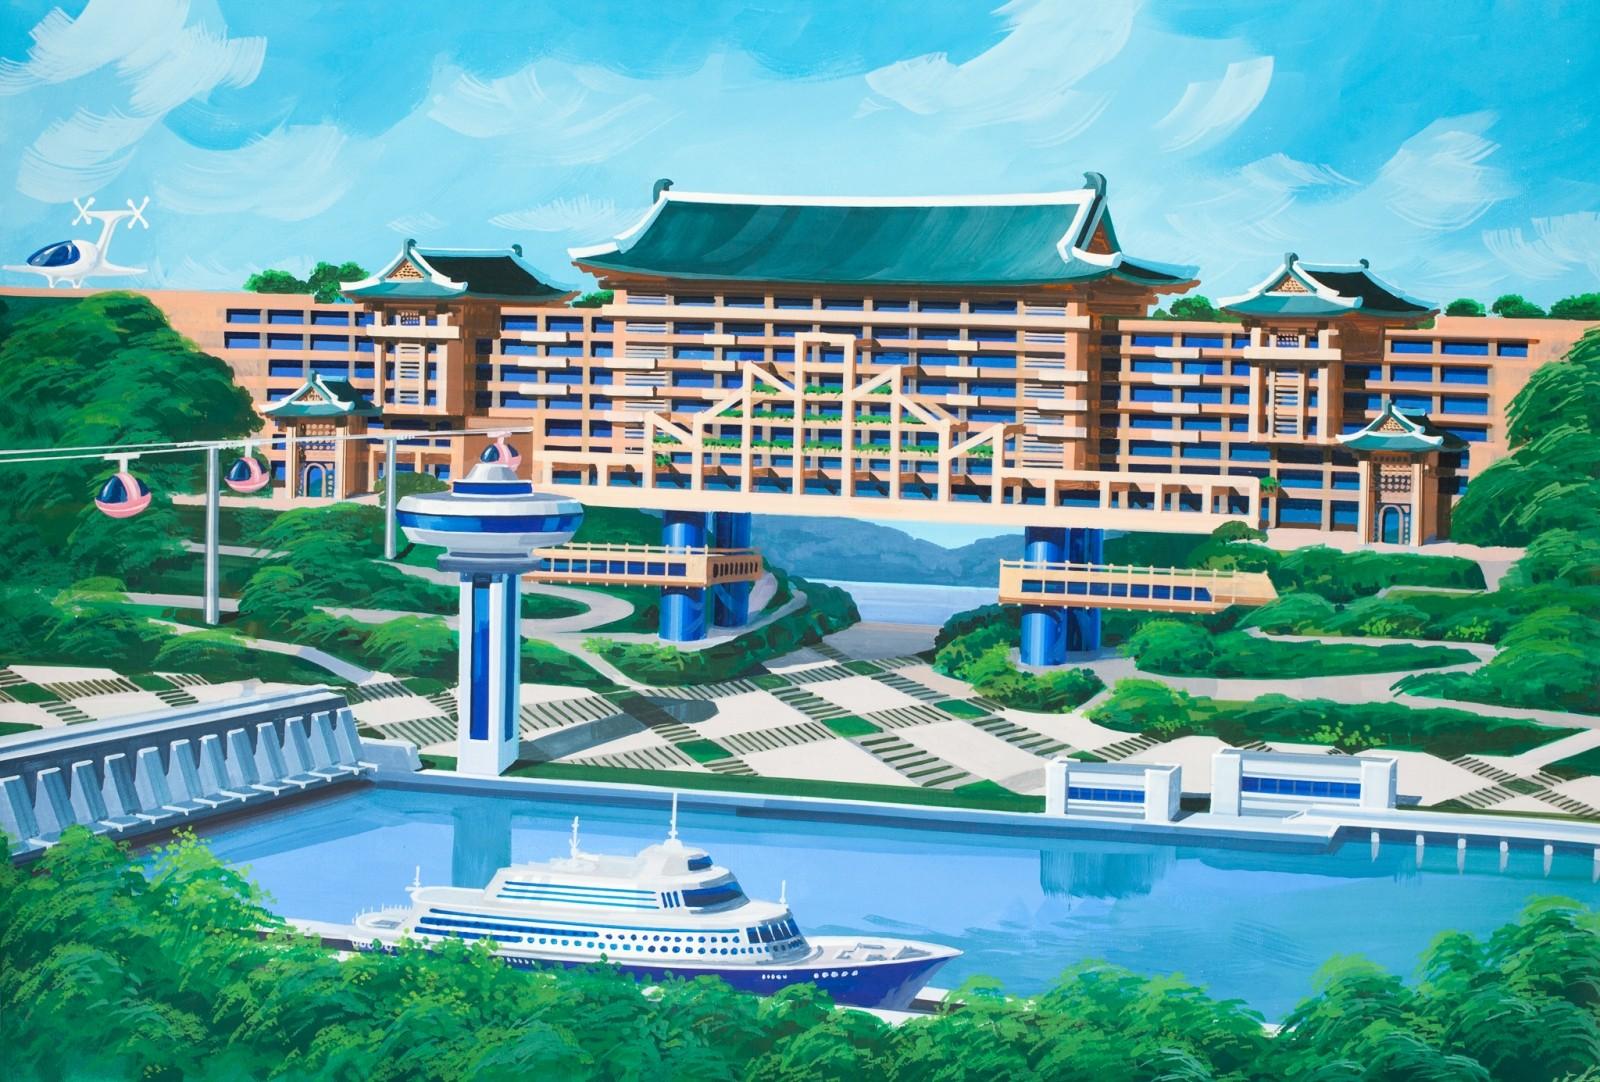 Hotel para la ciudad norcoreana de Nampo. Imagen cortesía de Koryo Tours